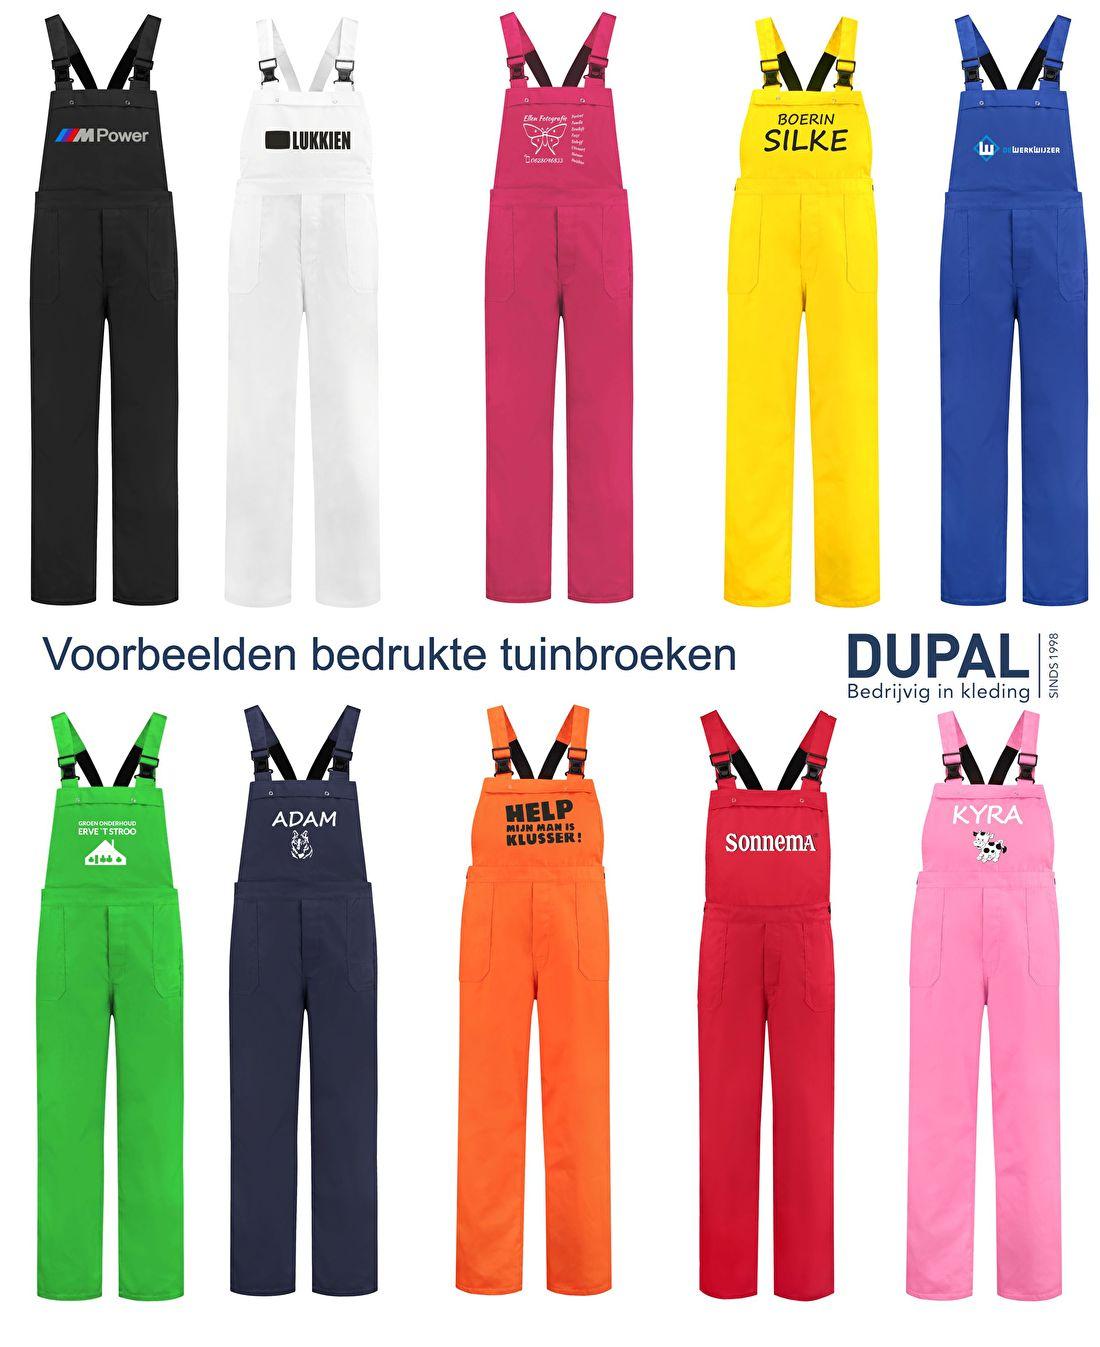 Welp TUINBROEKEN | Dupal Bedrijfskleding de overall-specialist FH-69